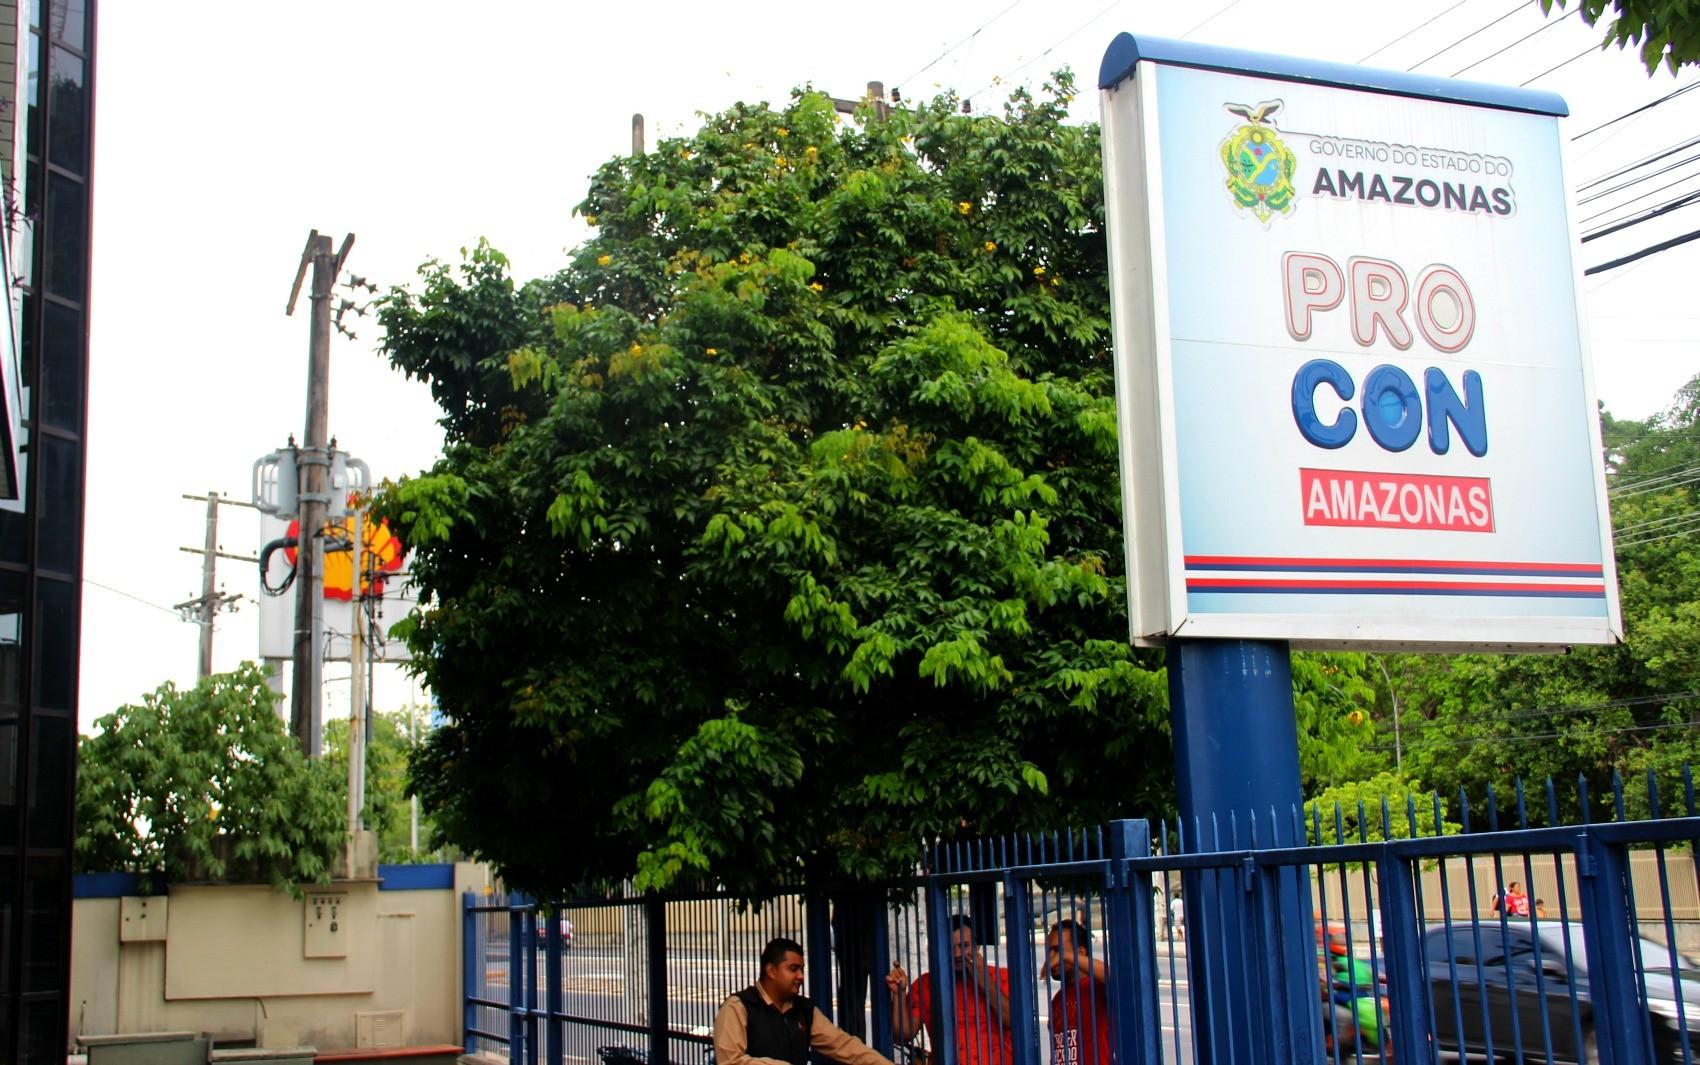 Distribuidora de combustíveis é autuada em R$ 1 milhão, em Manaus - Notícias - Plantão Diário